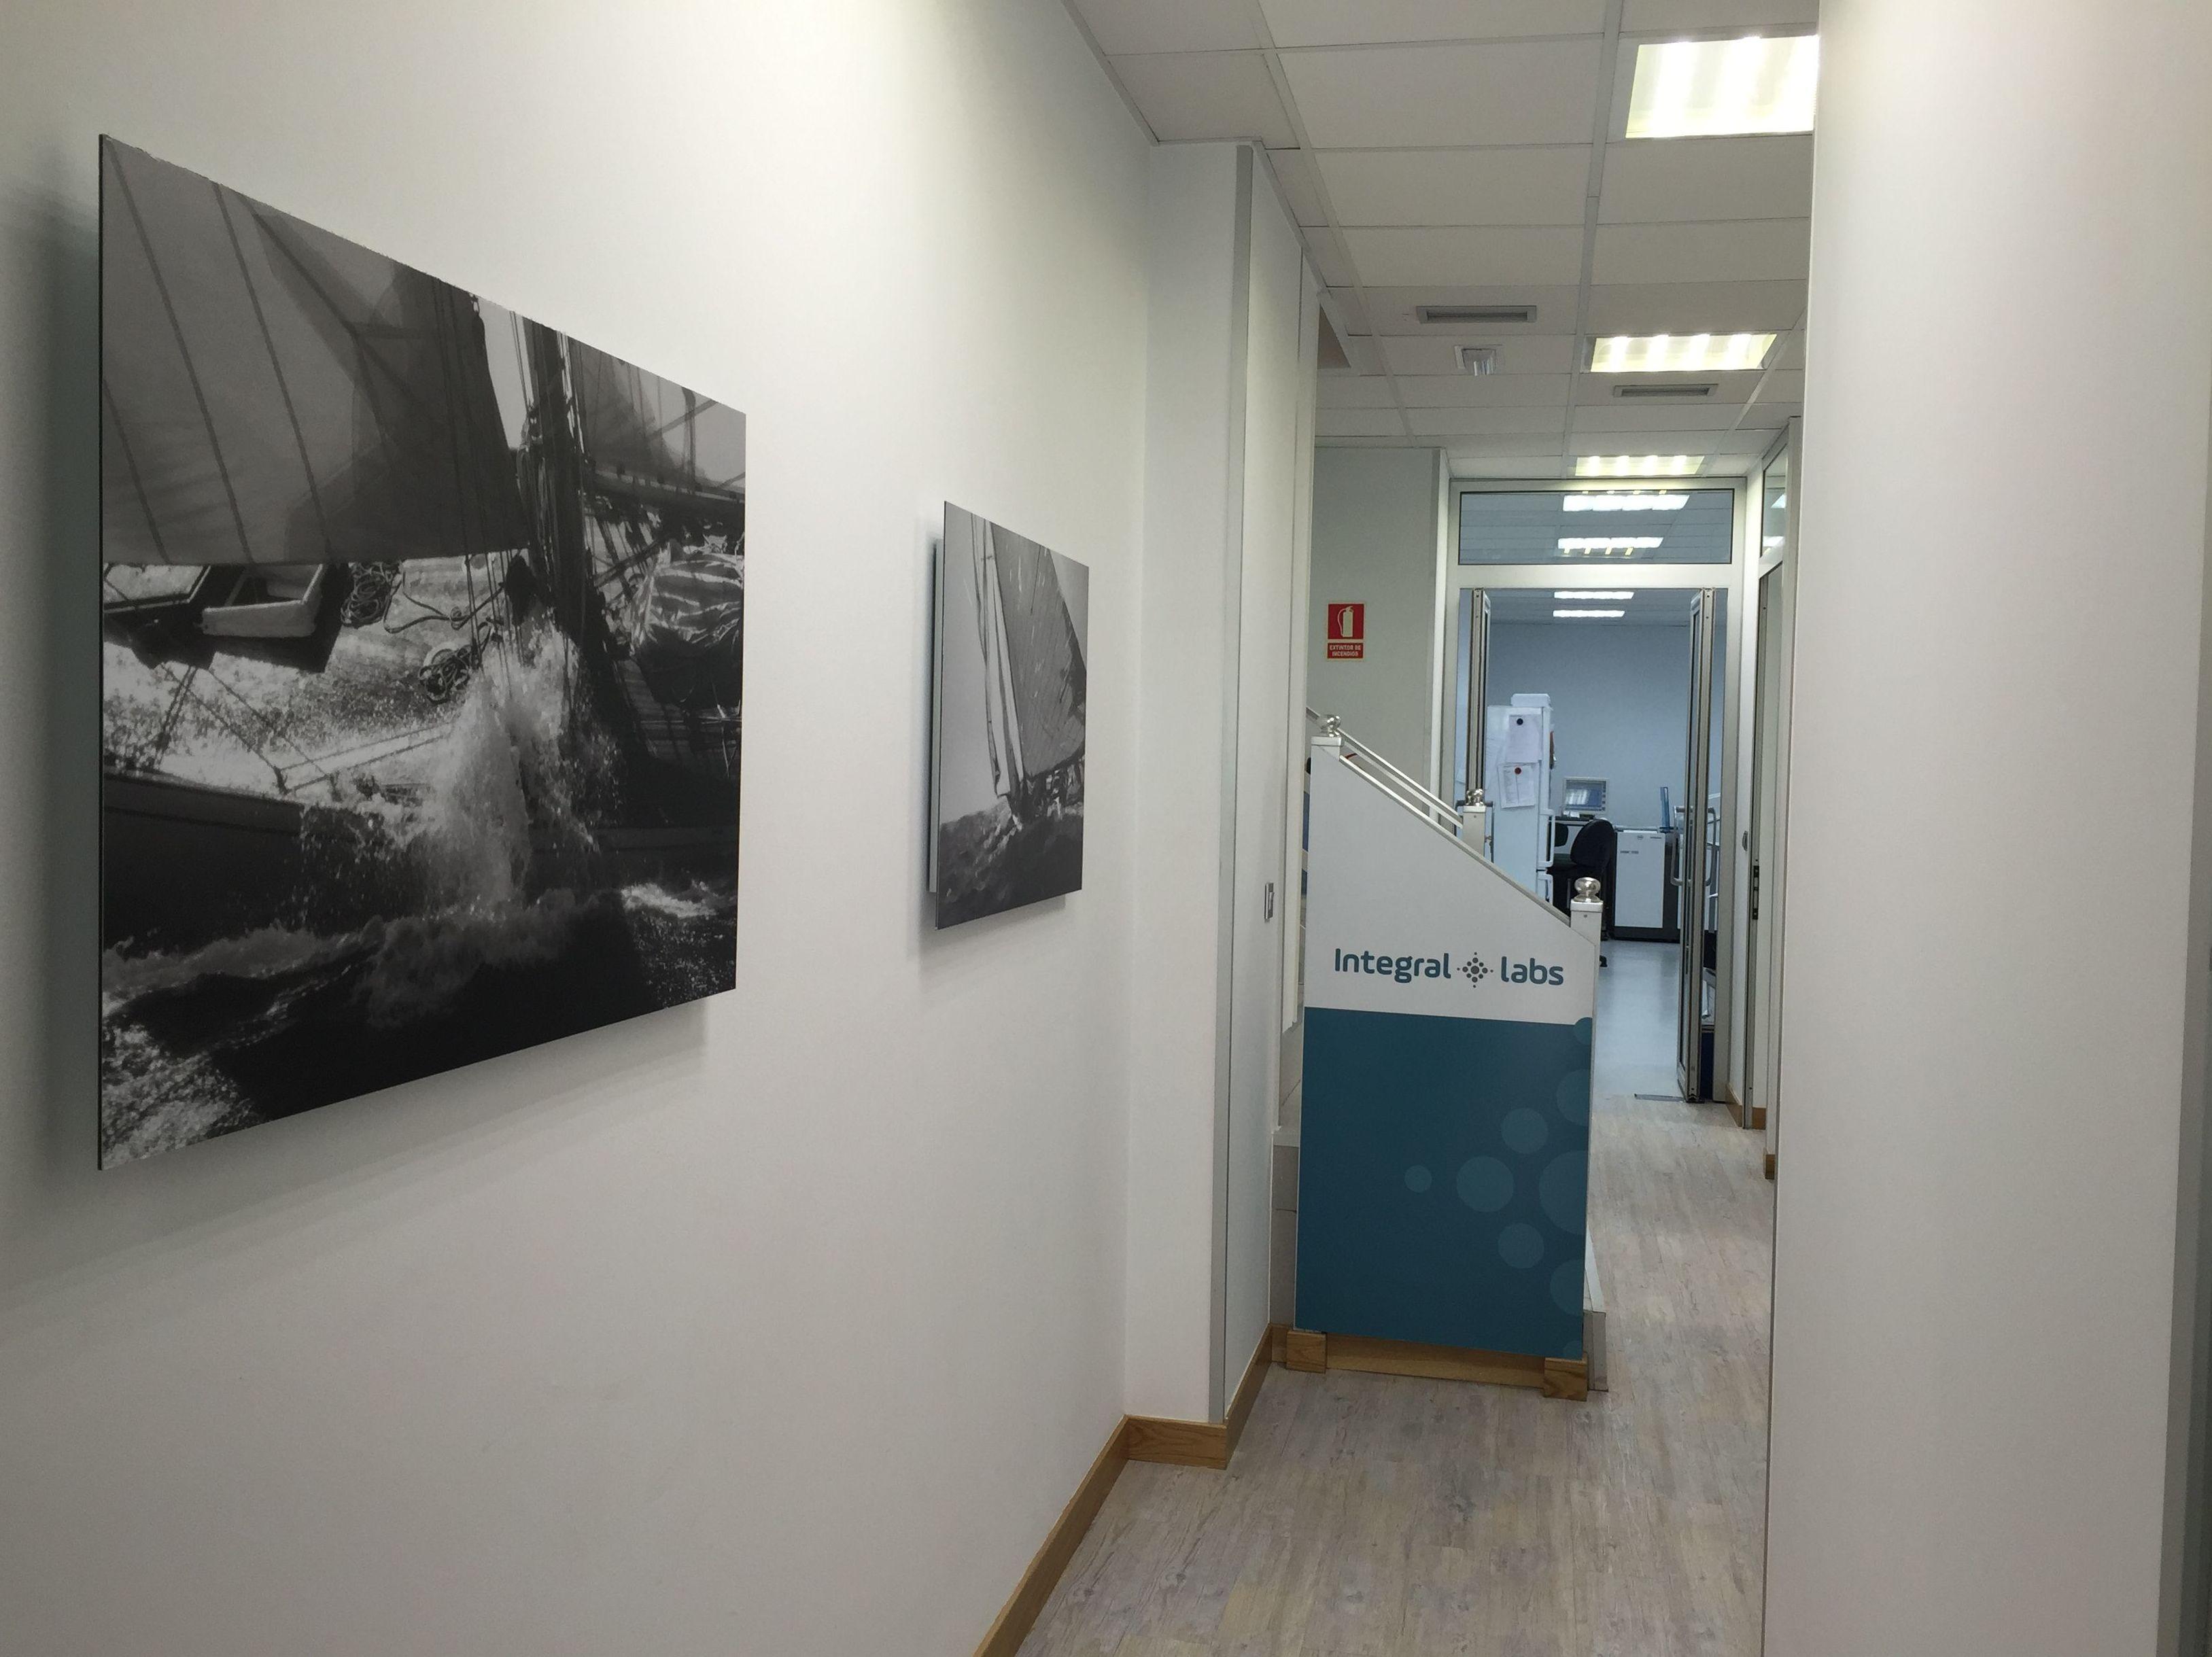 Foto 4 de Laboratorios de análisis clínicos en    Integral Labs